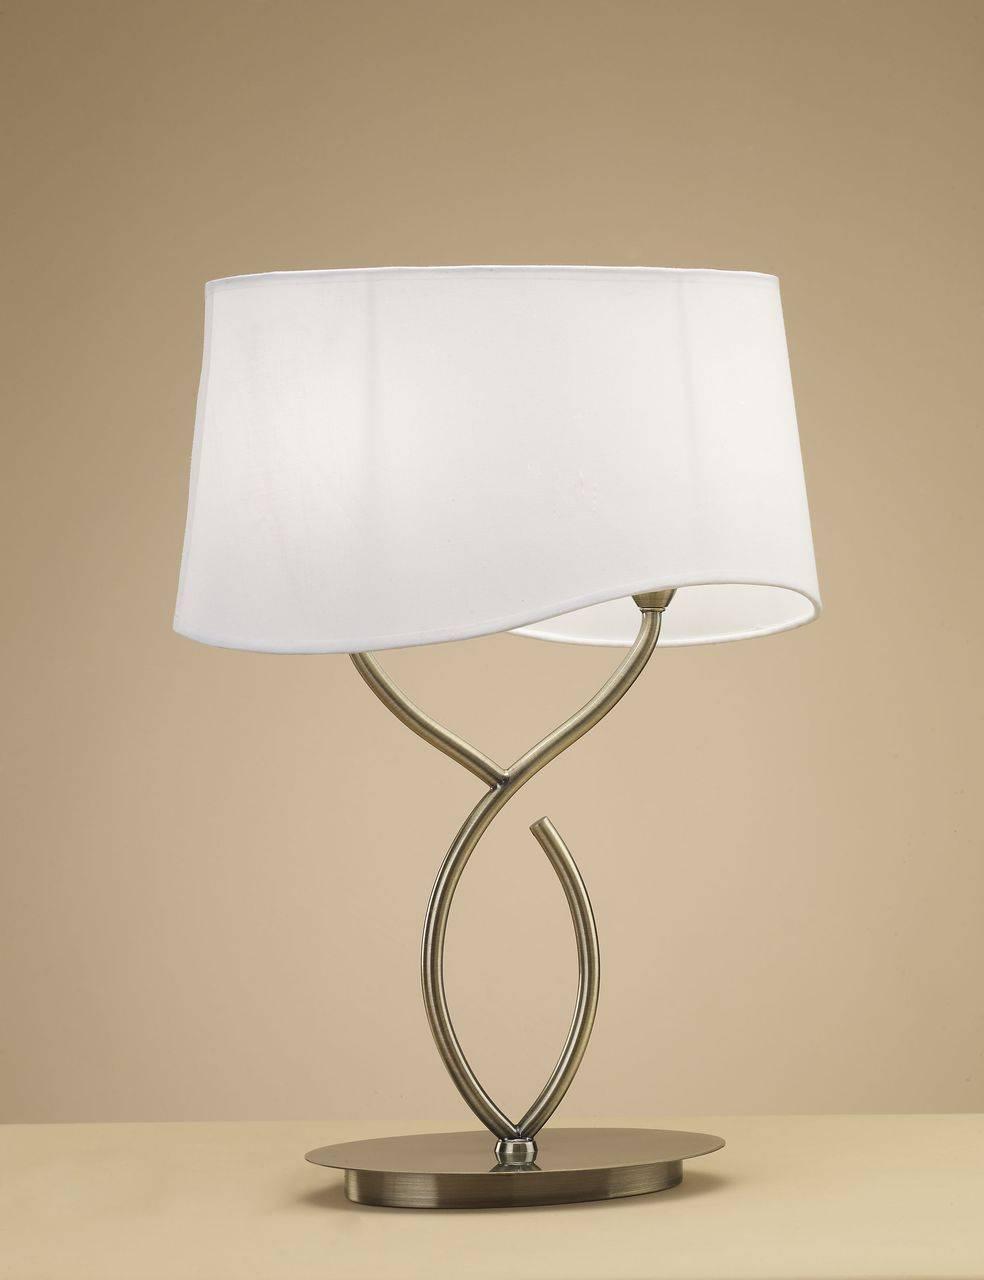 Настольная лампа Mantra Ninette Antique Bras 1926 все цены